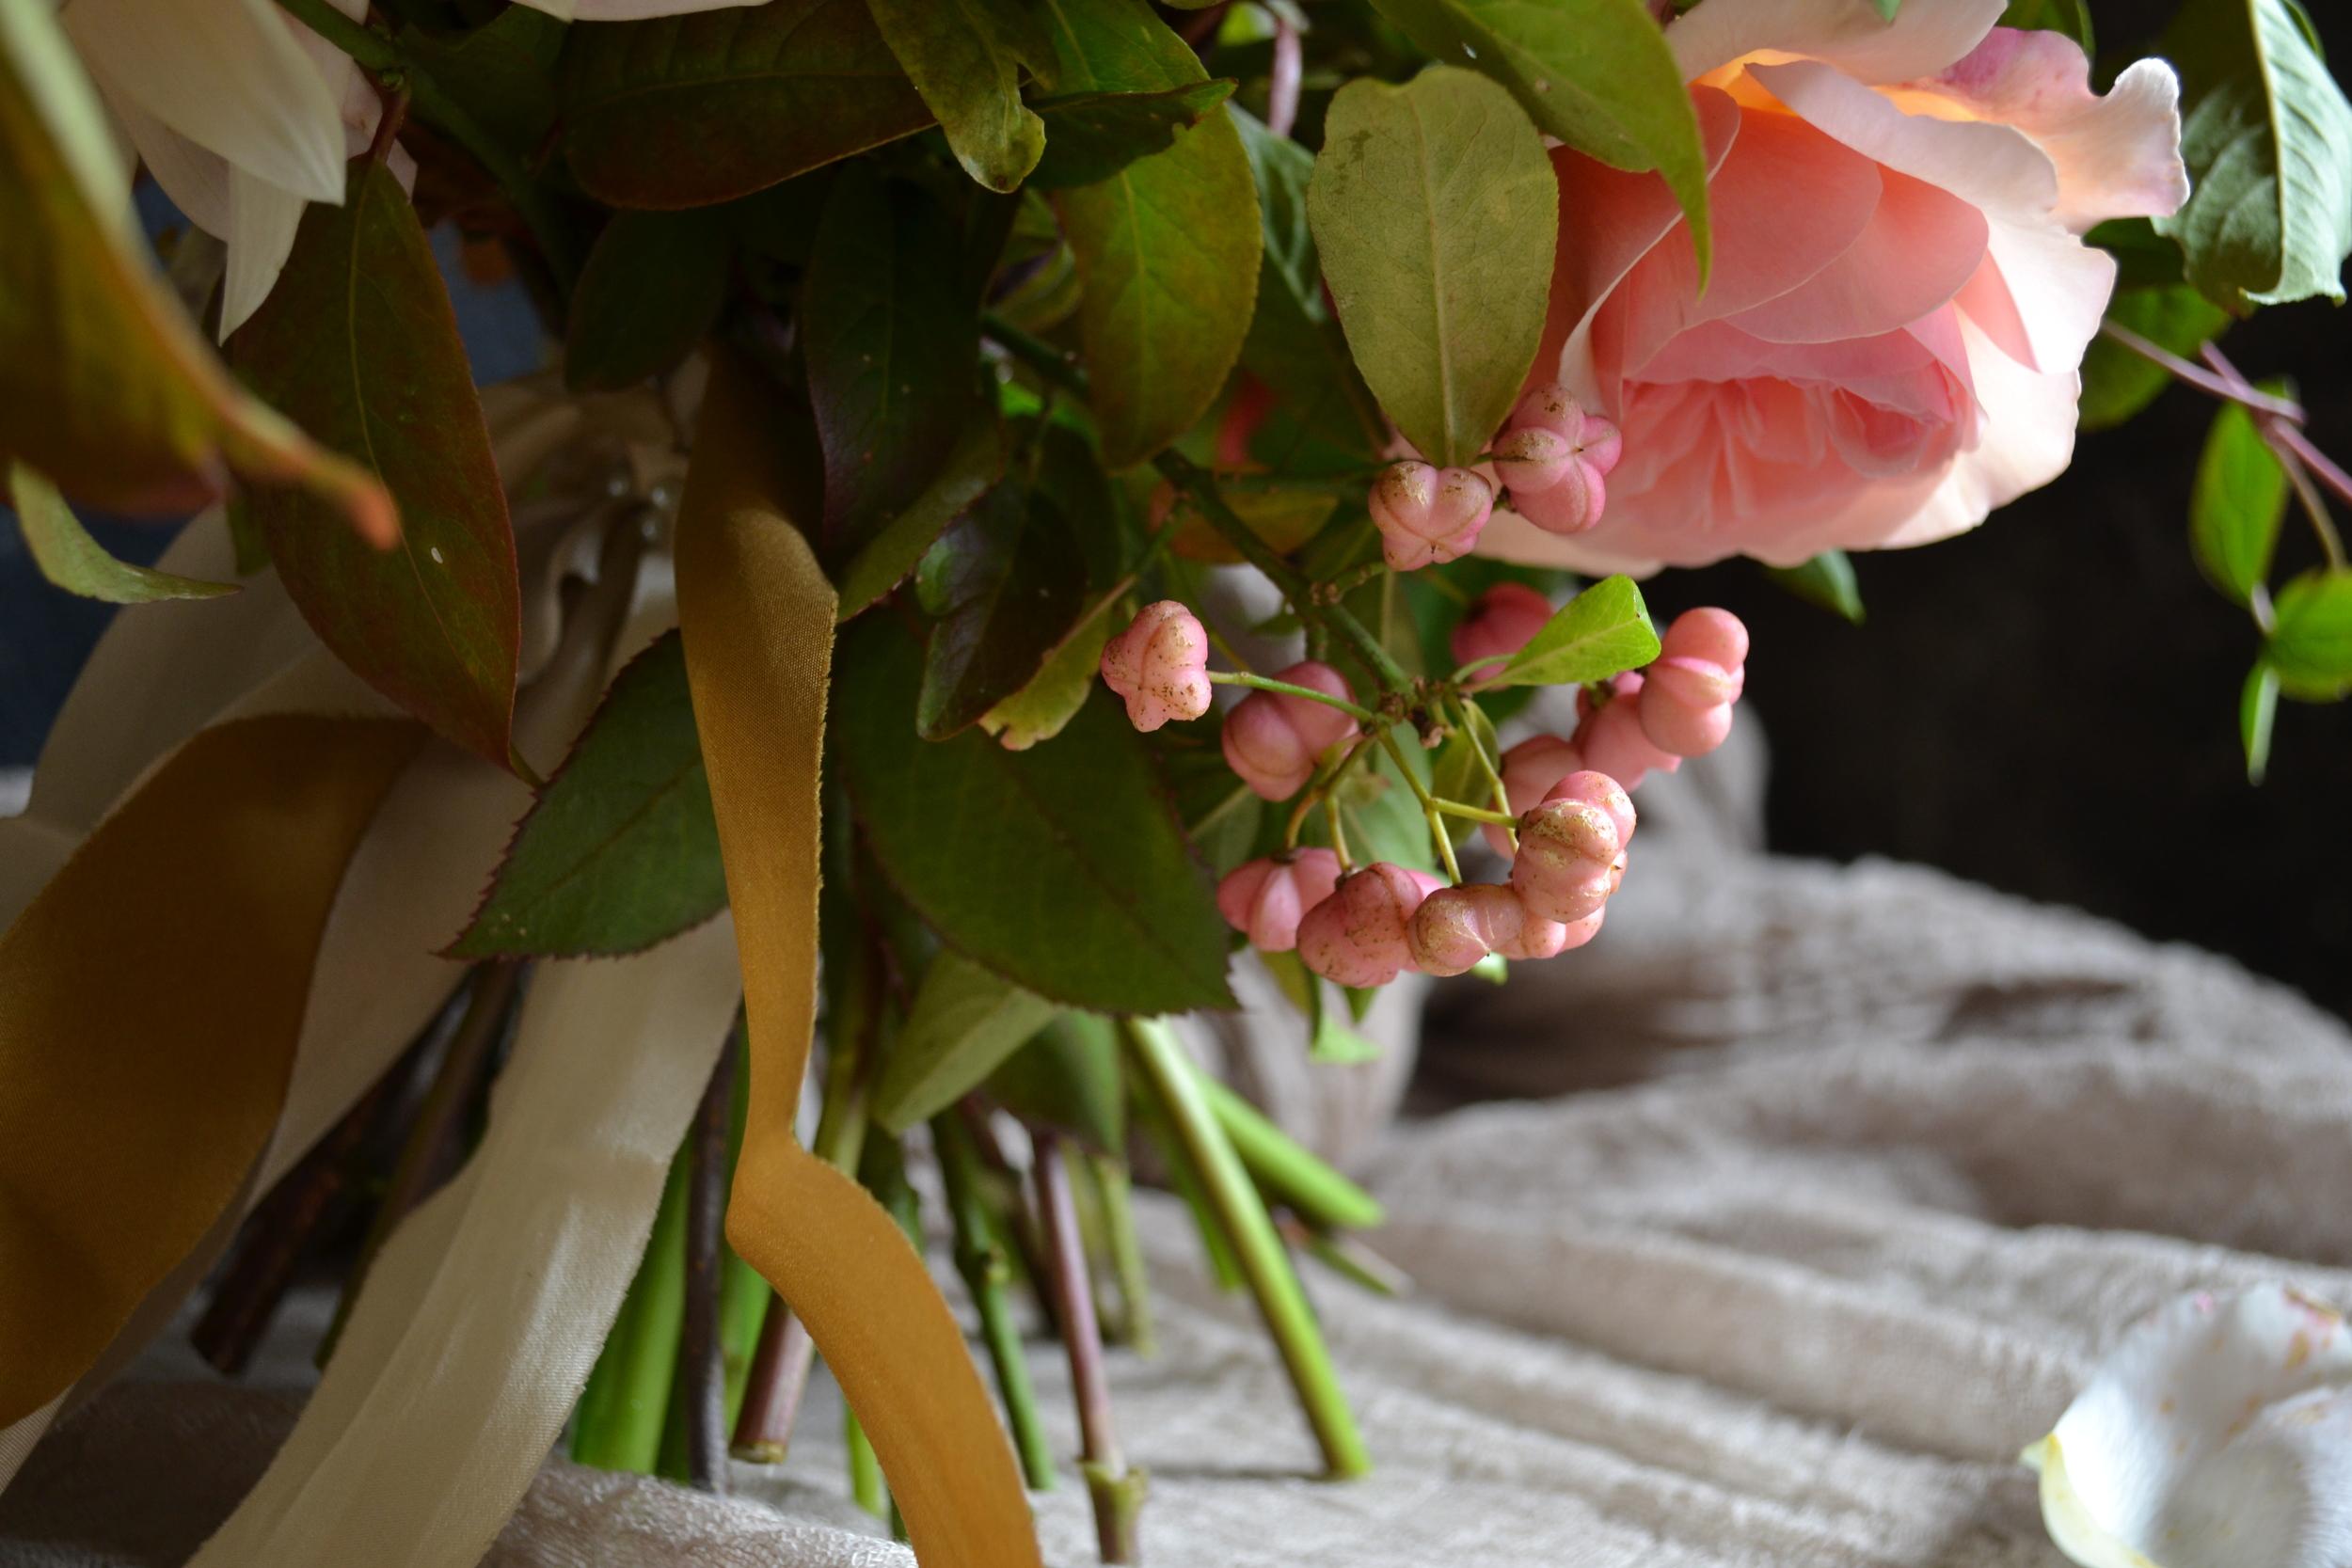 140918 - GG - Dutch styling and Gabrielles bouquet 120.JPG